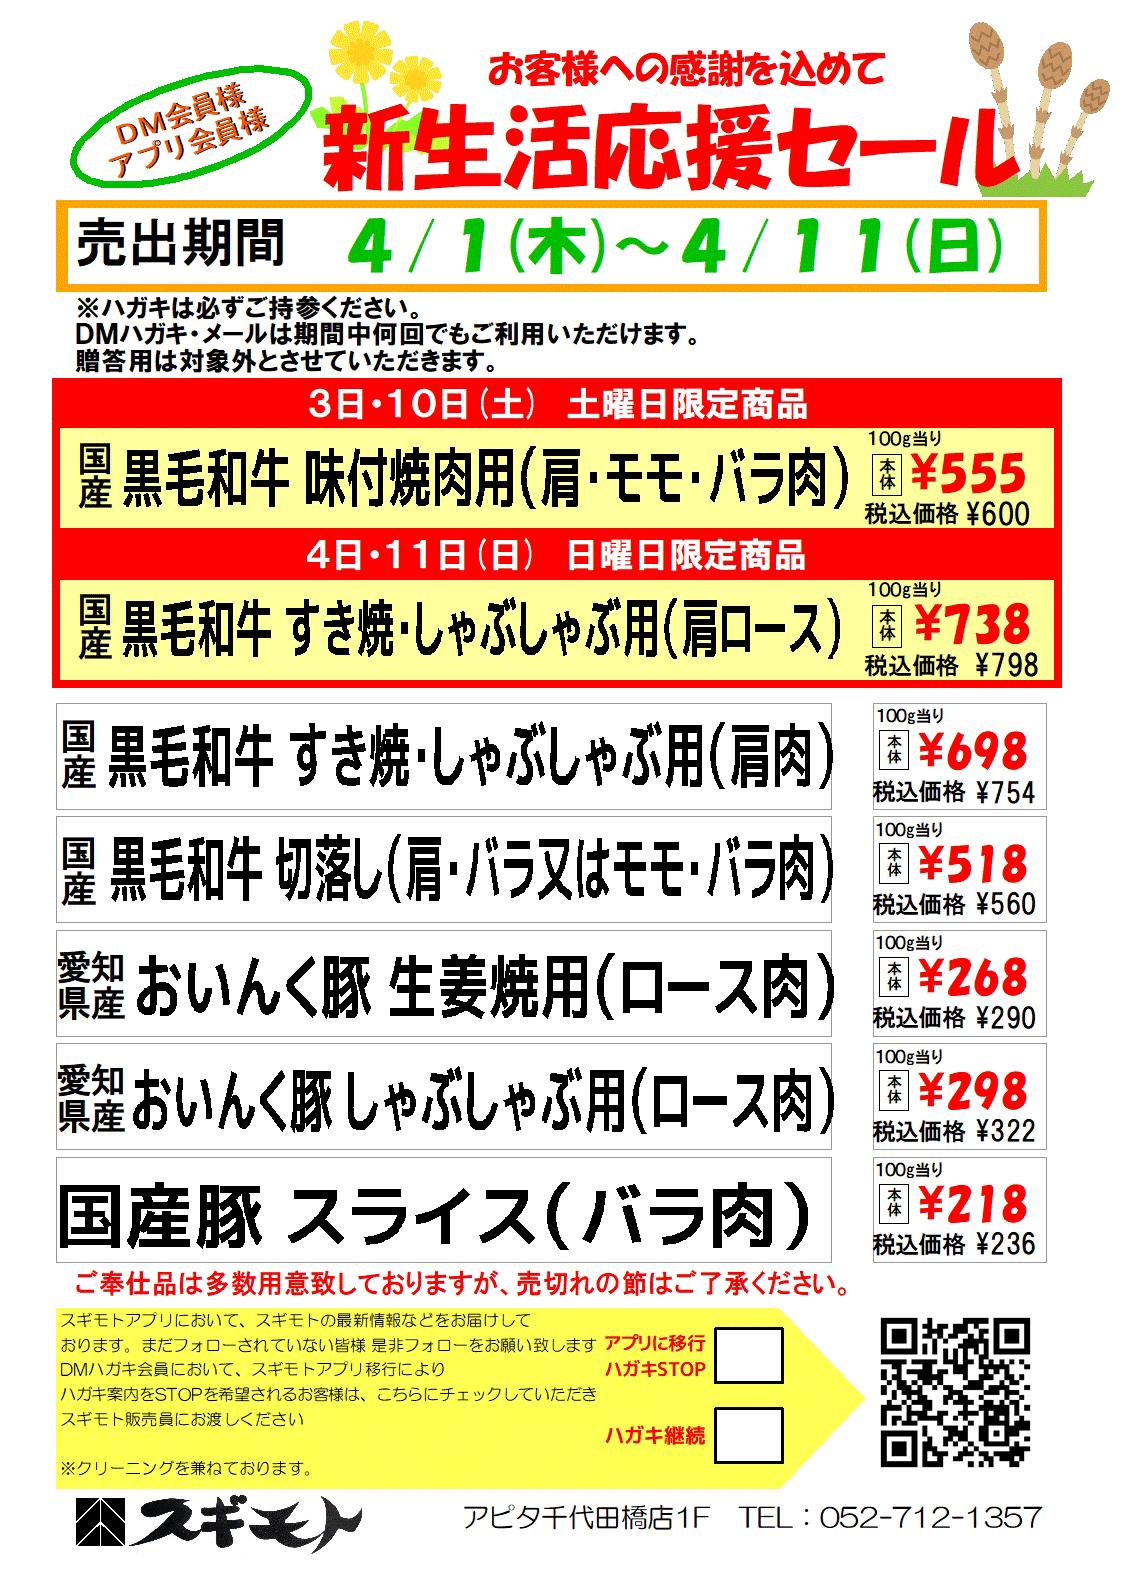 千代田橋店チラシ